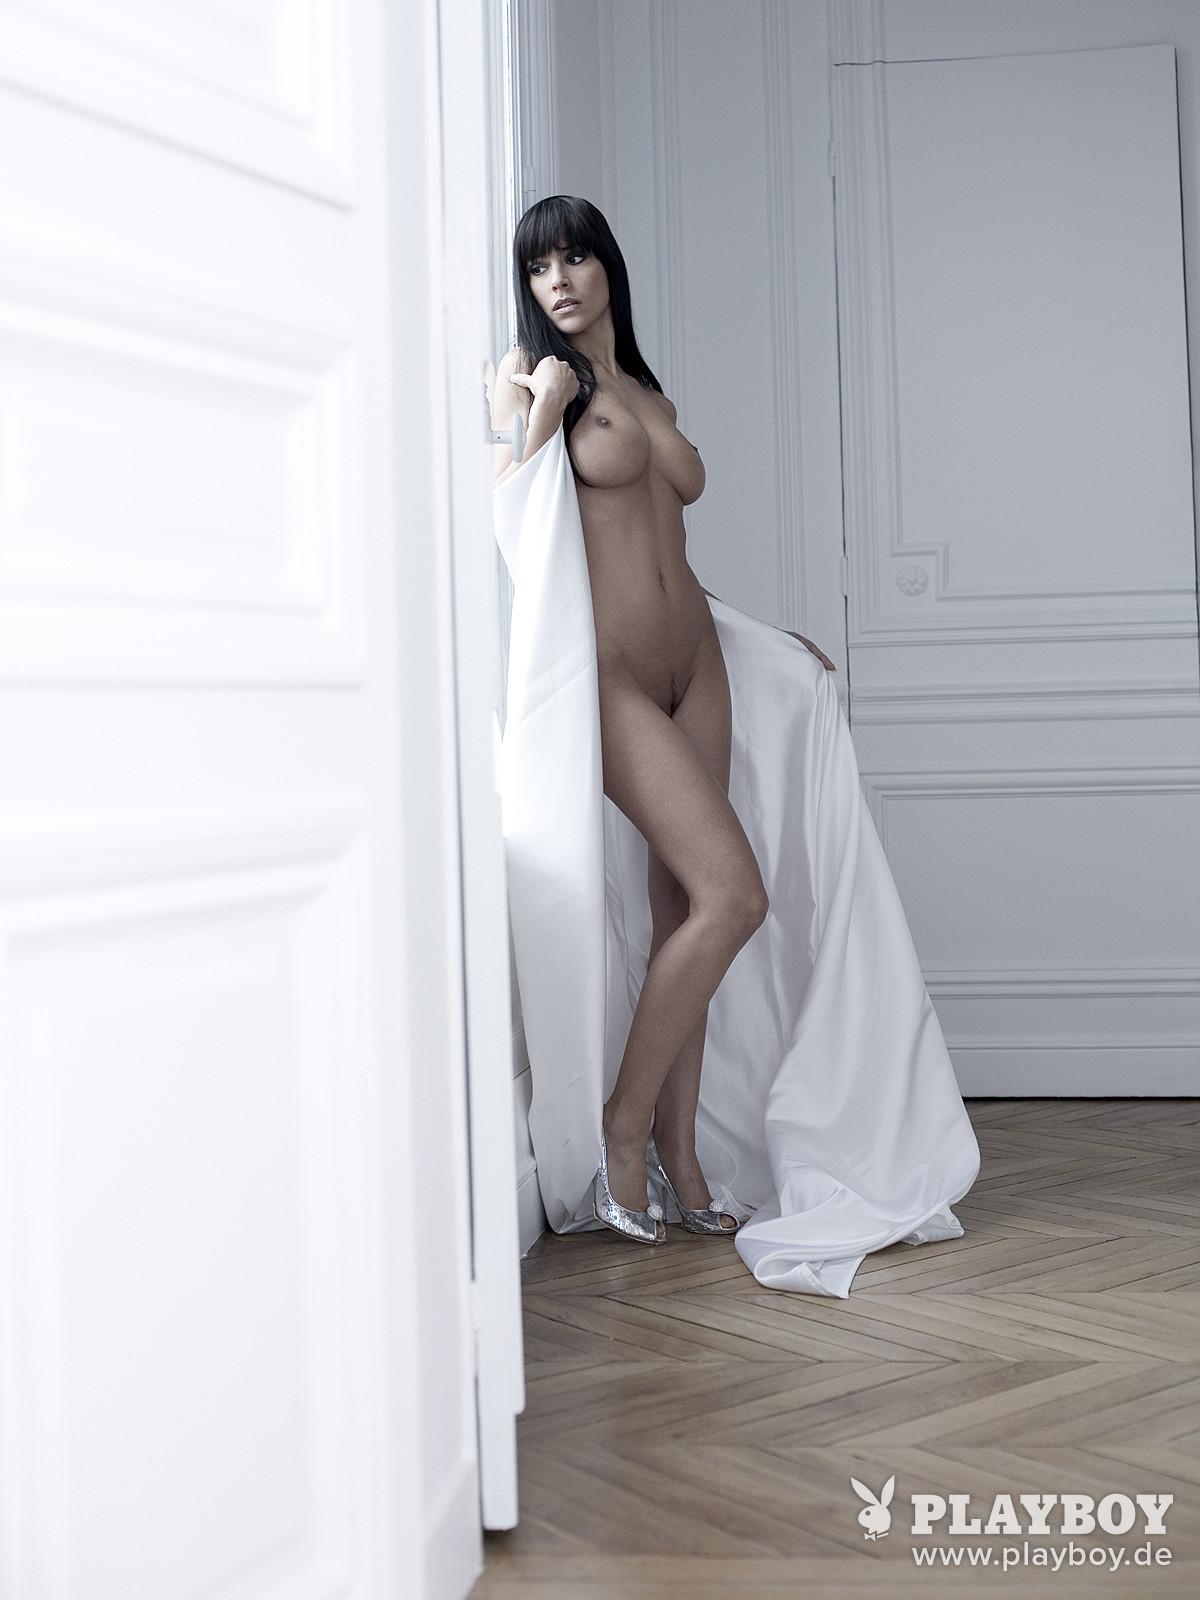 Www,playboy Nude Playmates,